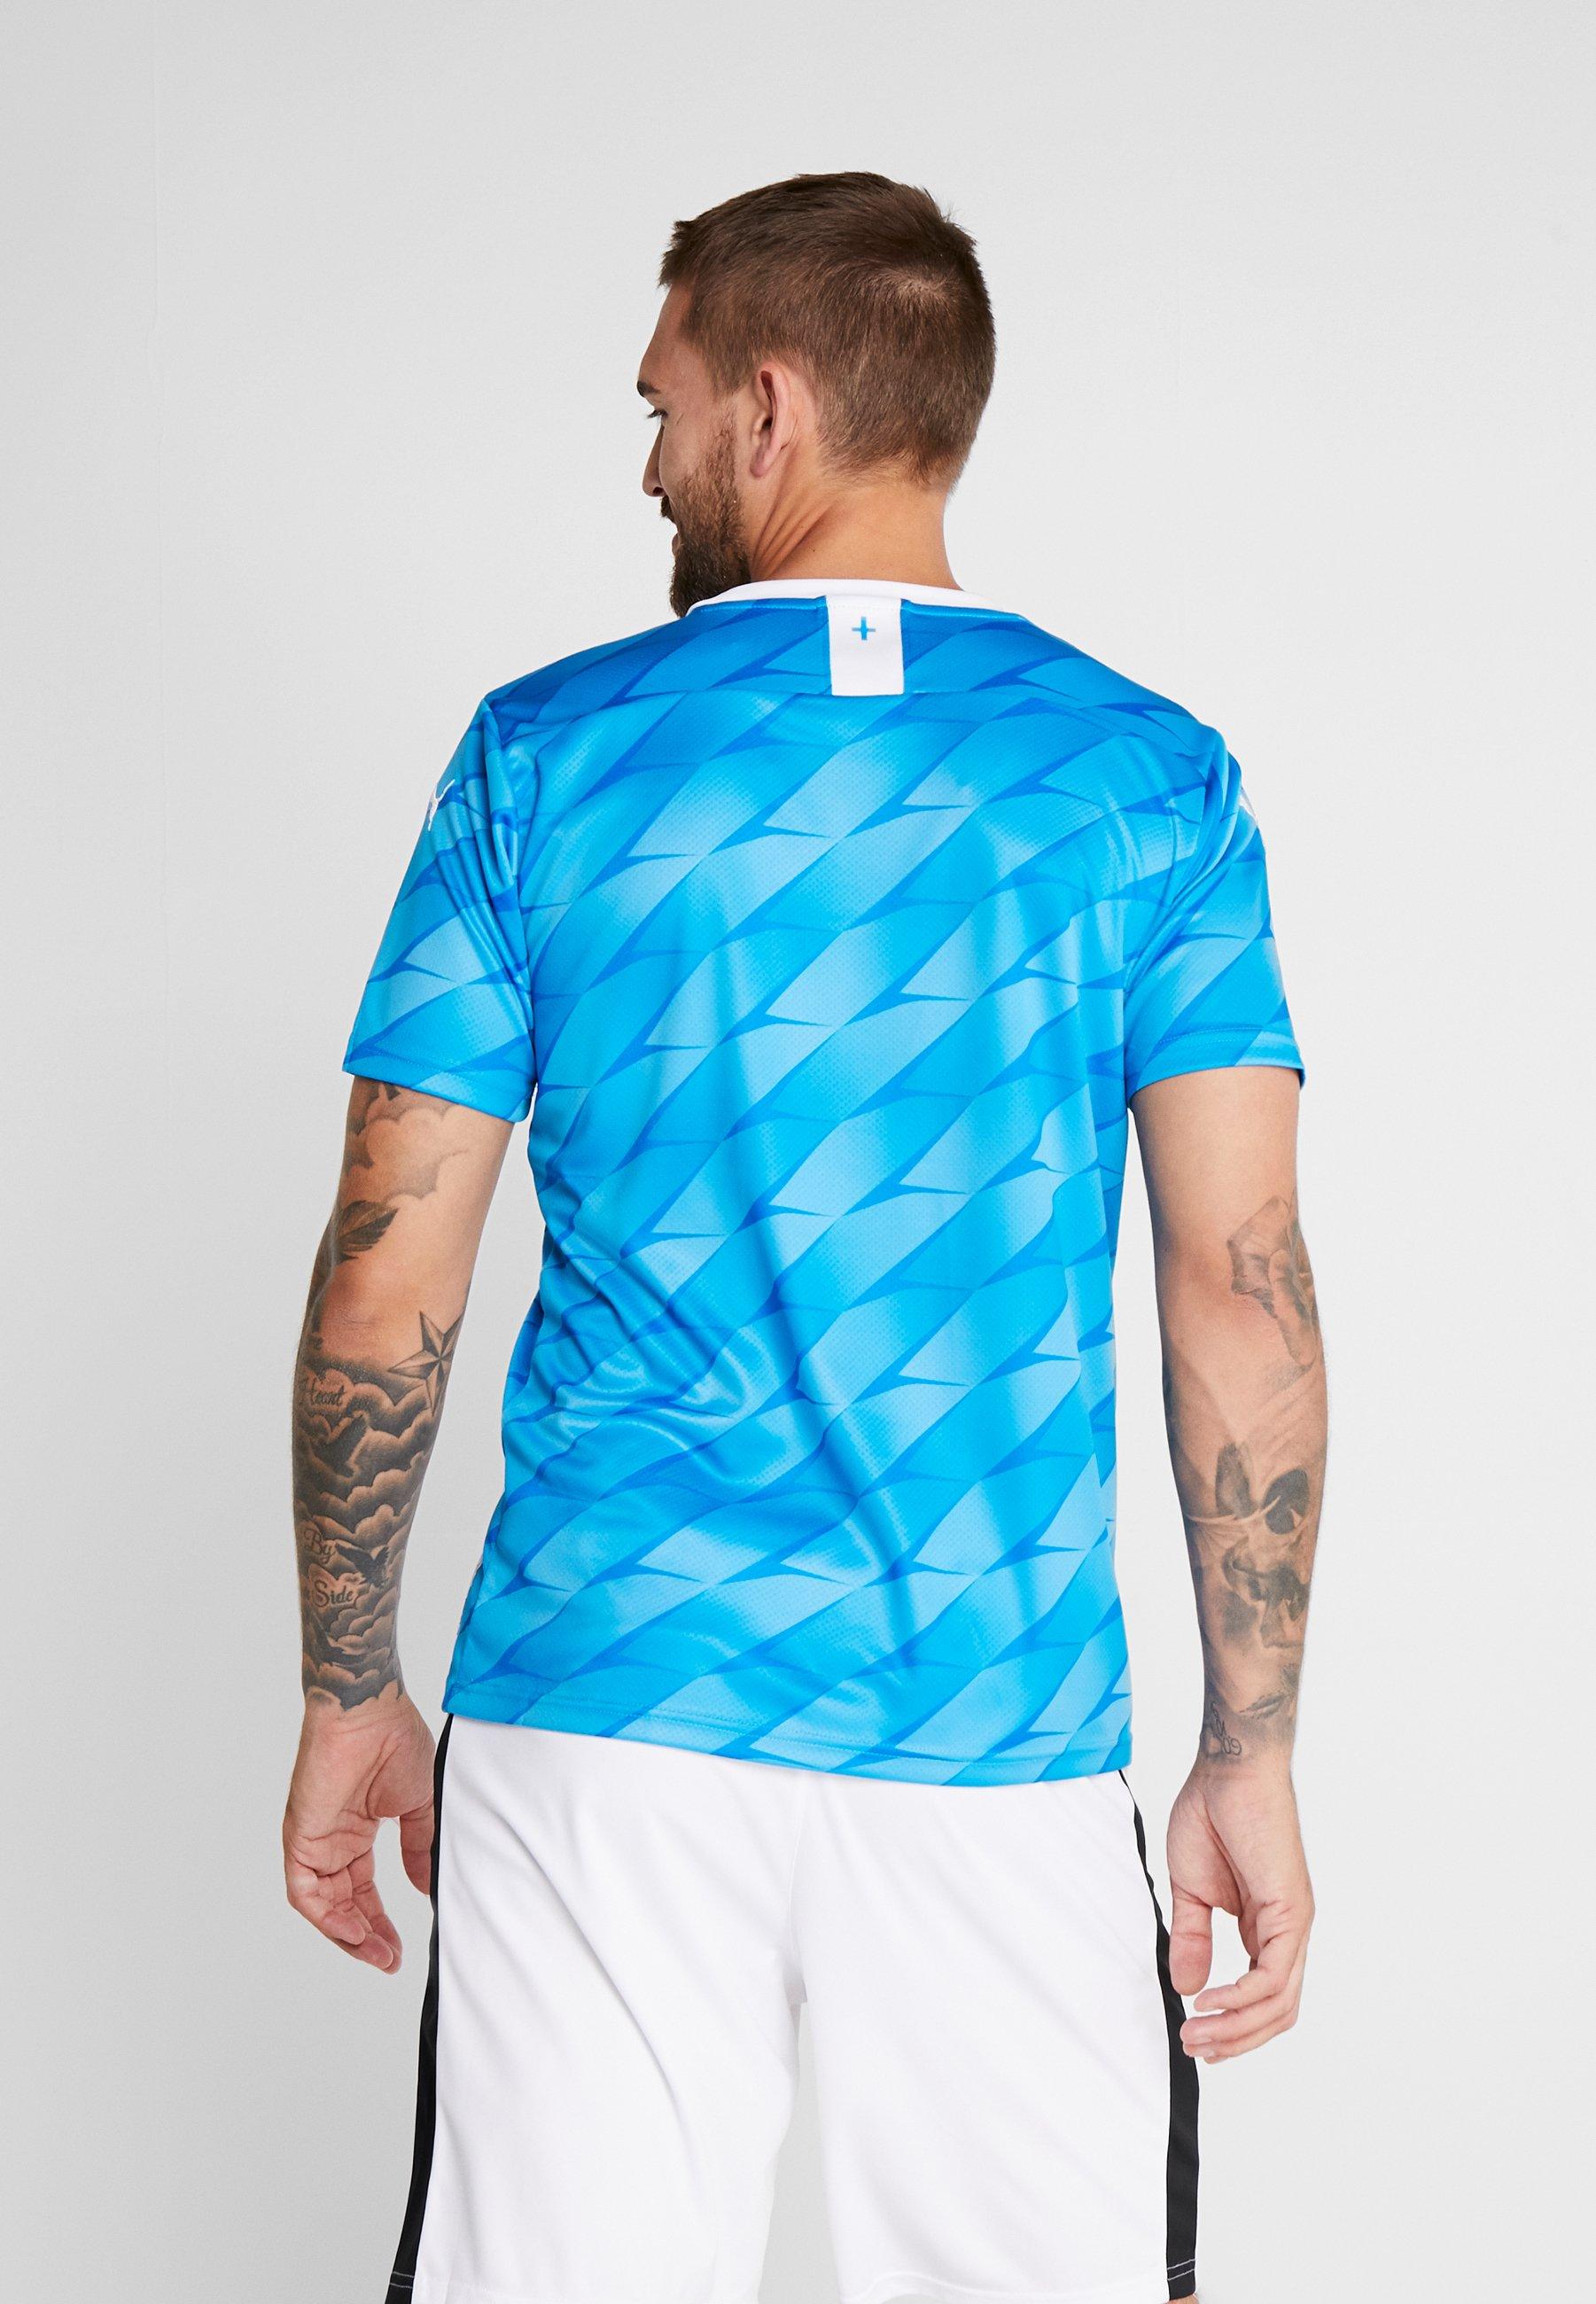 Olympique Away Marseille With SponsorArticle Supporter Bleu Azur Puma puma White De ARL5q34j